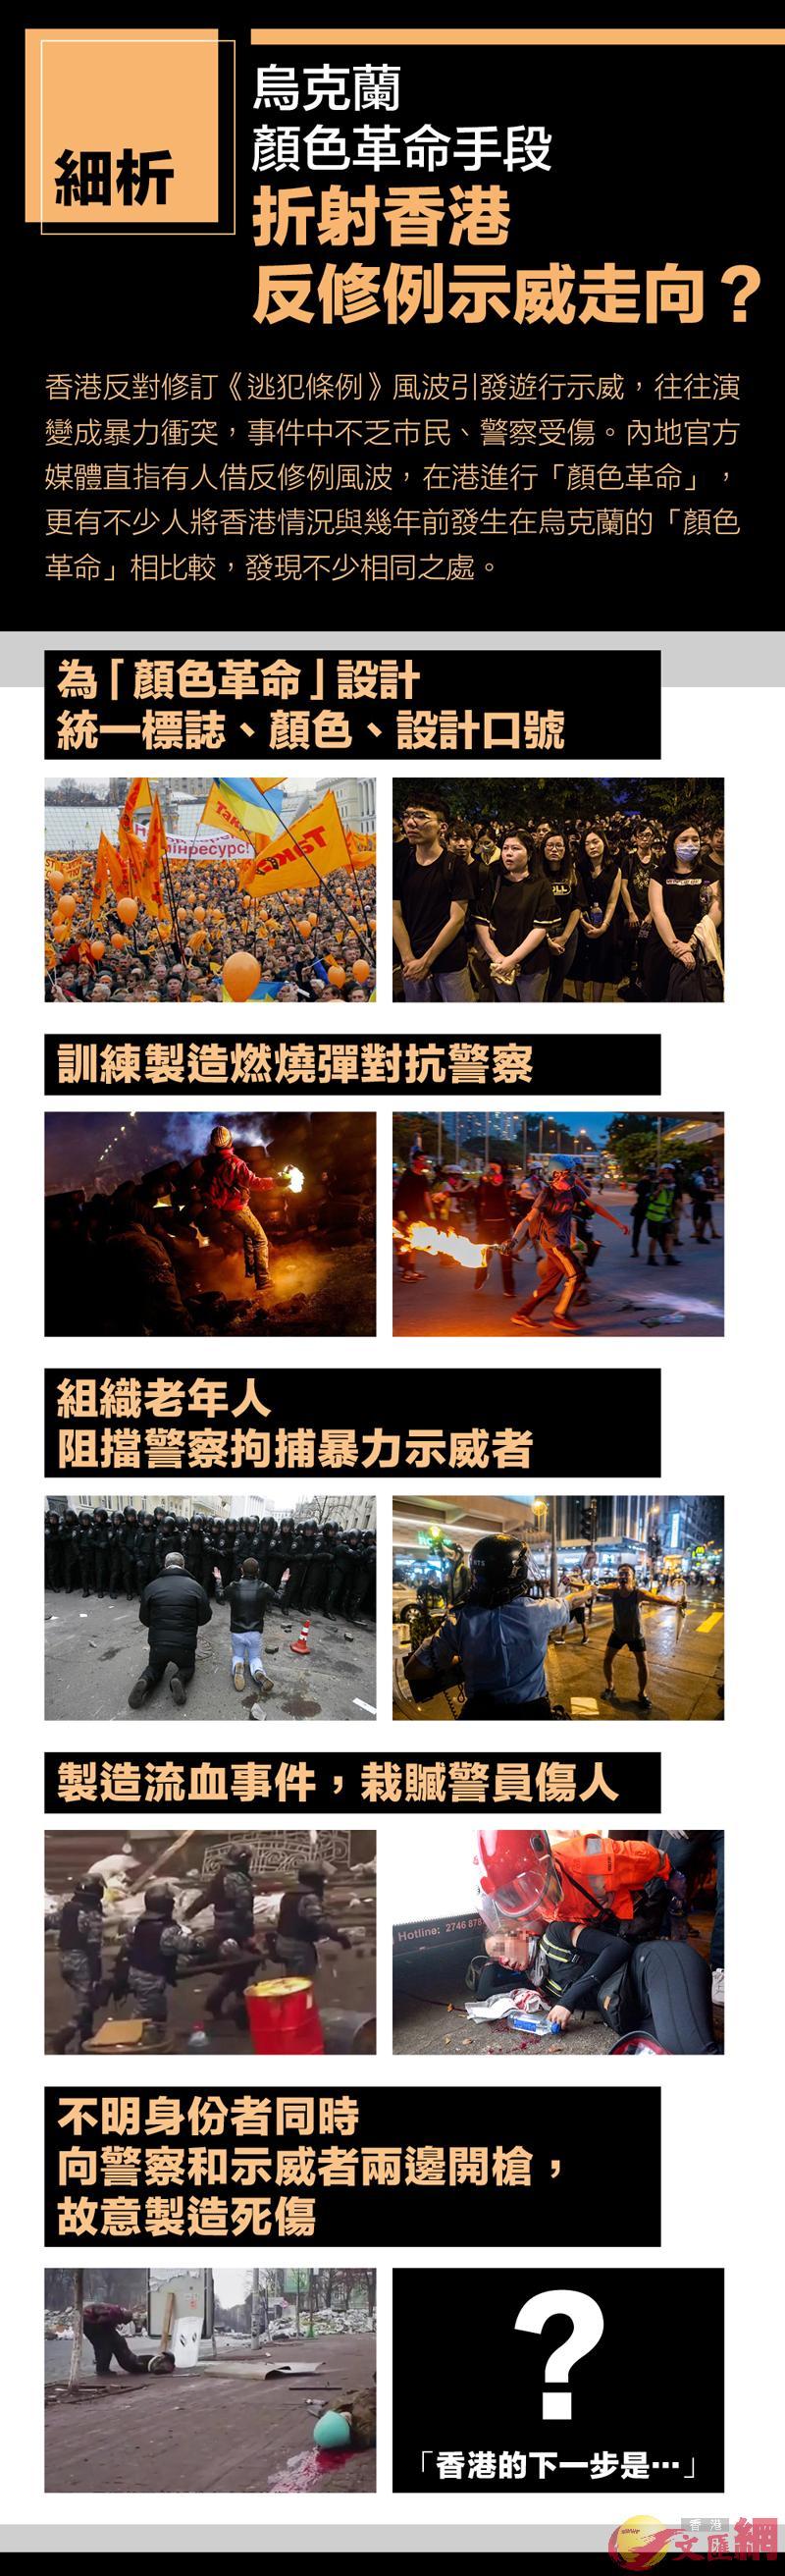 烏克蘭「顏色革命」手段折射香港反修例示威走向?